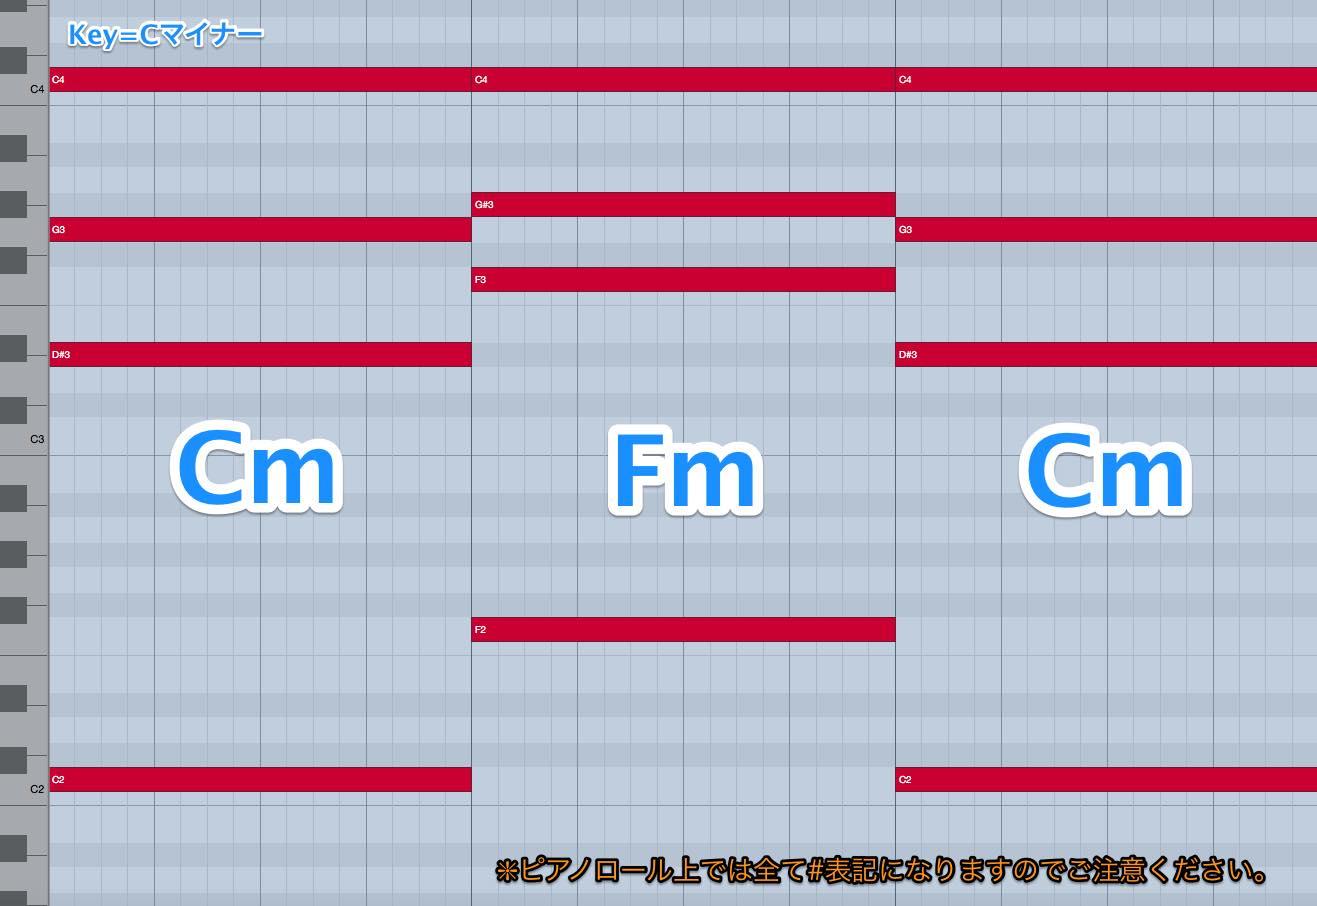 cmfmcm